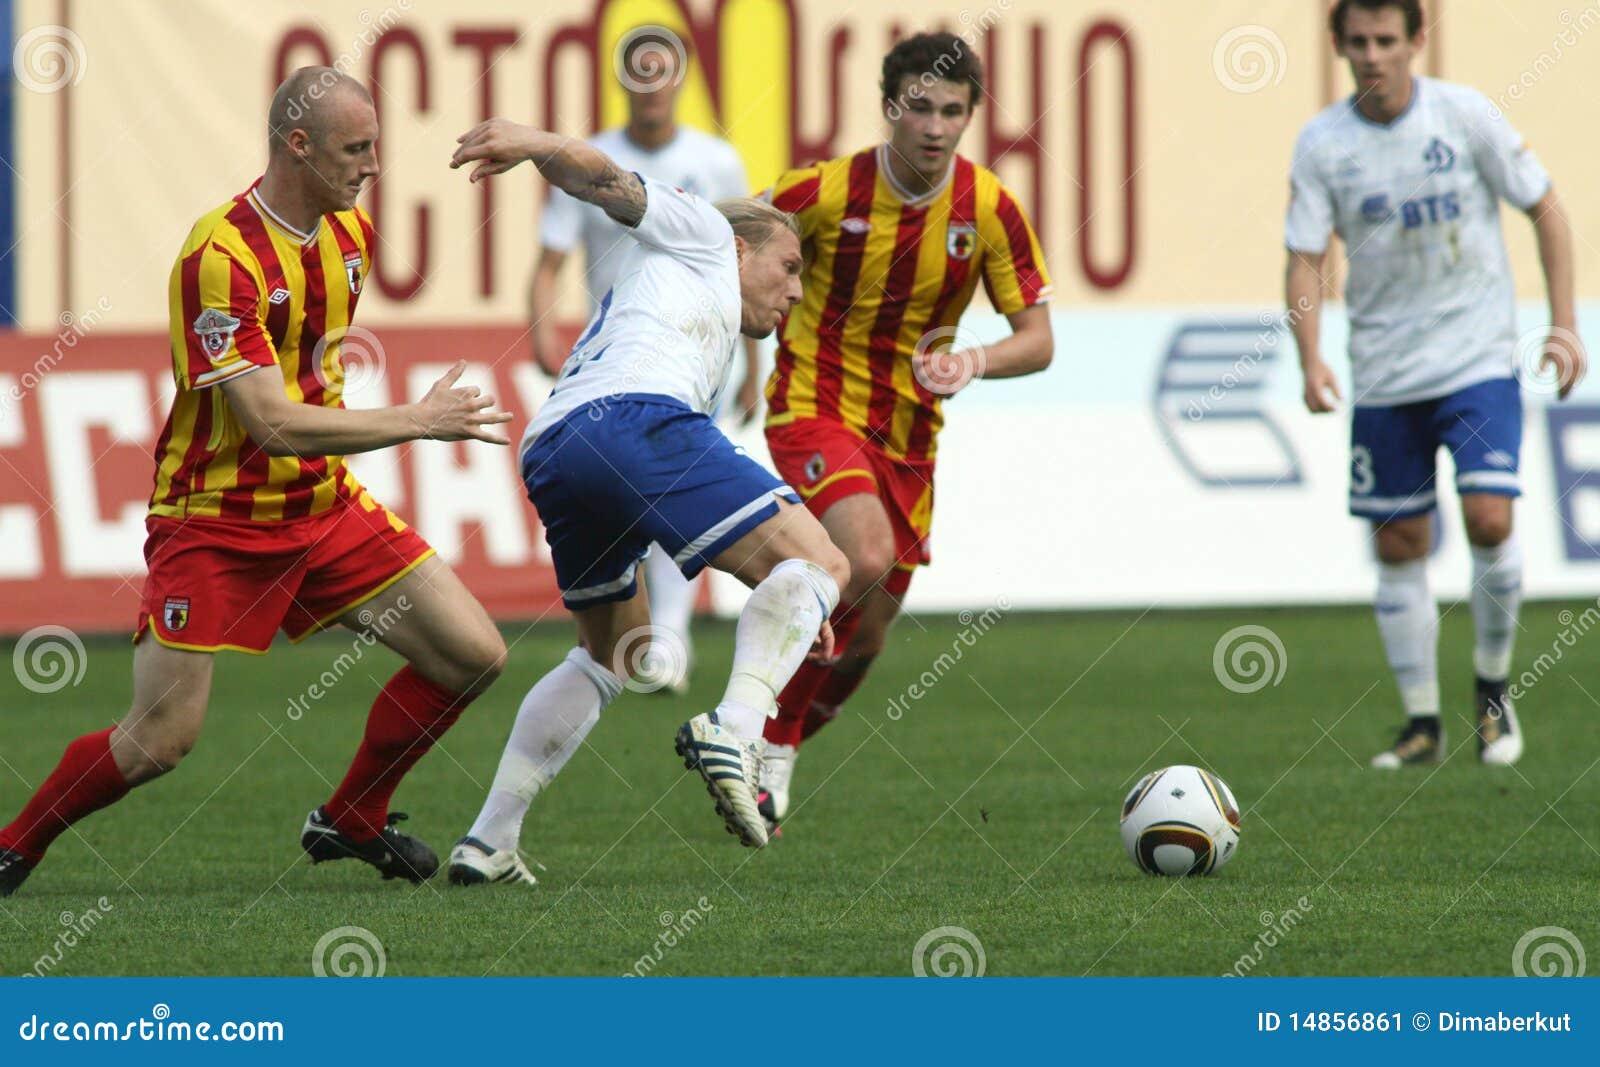 Dinamo (Moscow) beats Alania (Vladikavkaz) - (2:0)